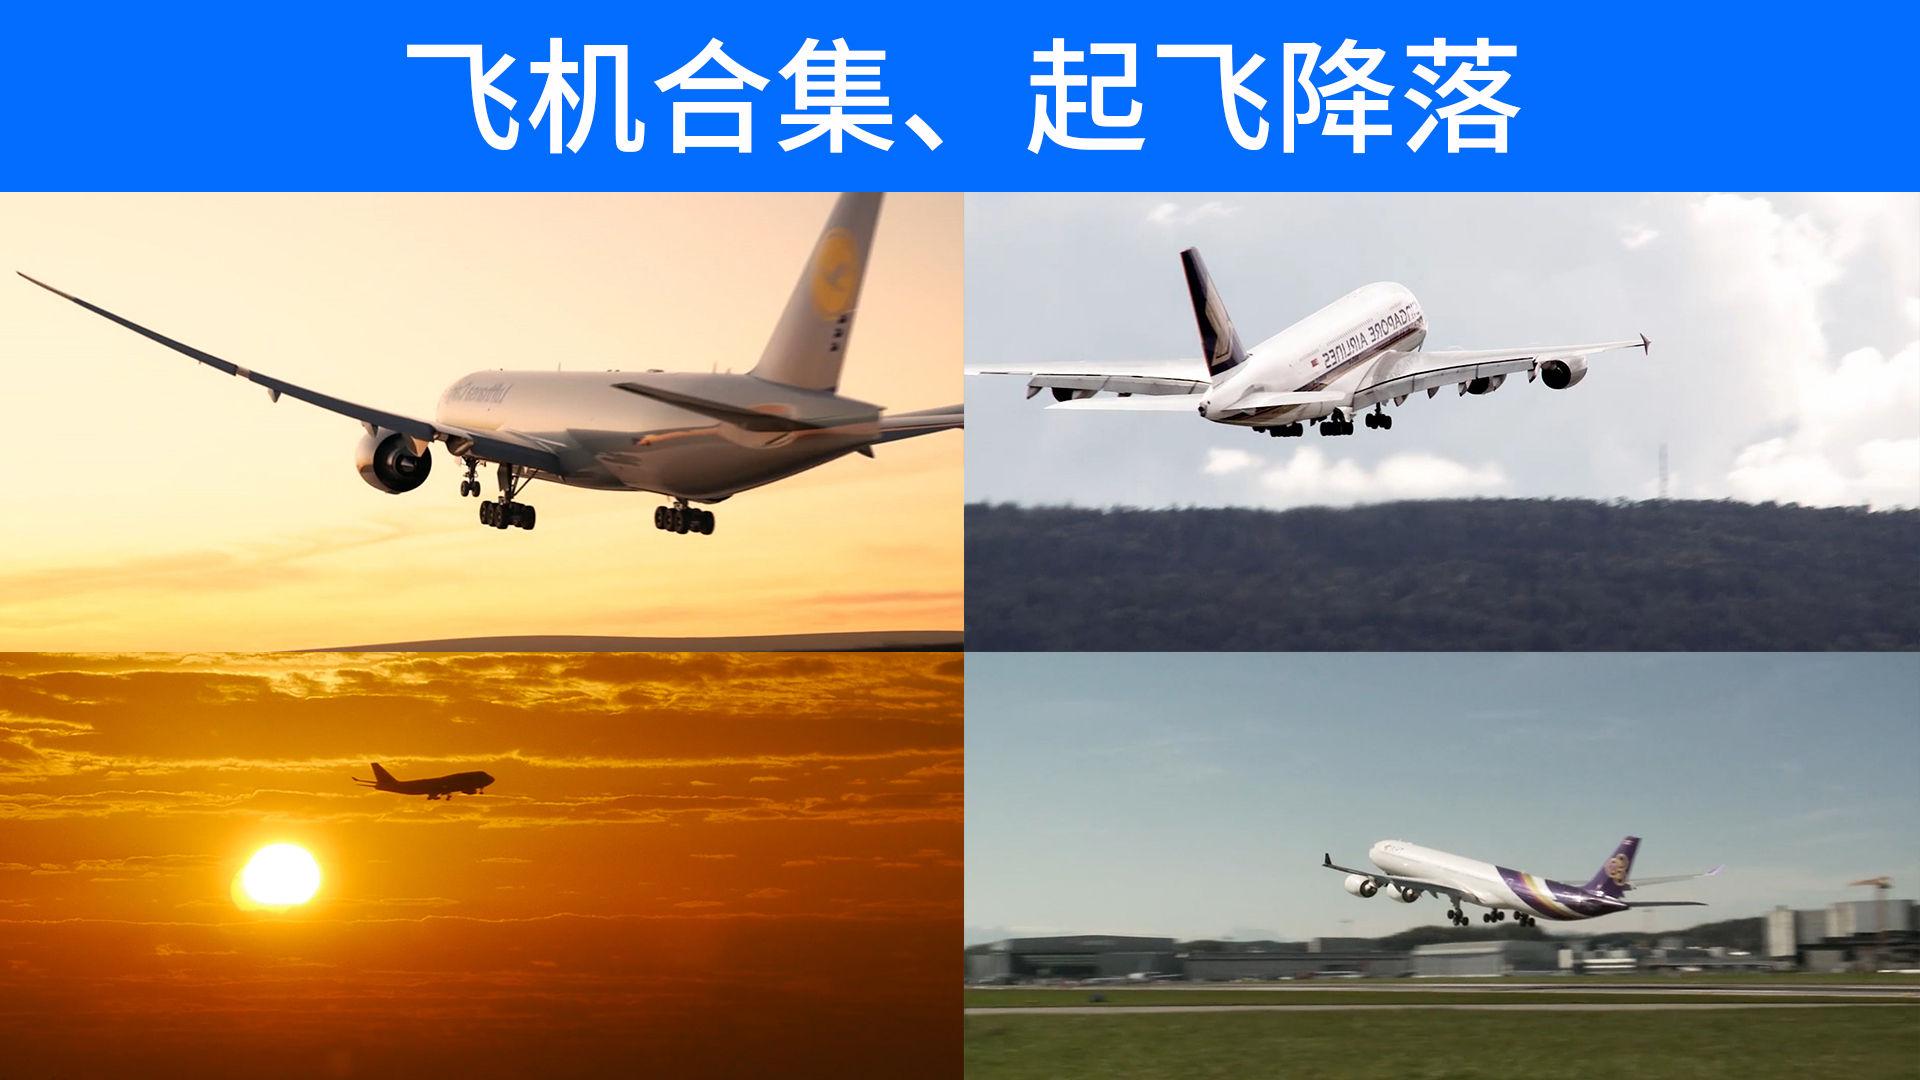 飞机起飞降落视频_飞机合集、起飞降落_视频素材包下载(编号:2950876)_实拍视频_VJ师 ...